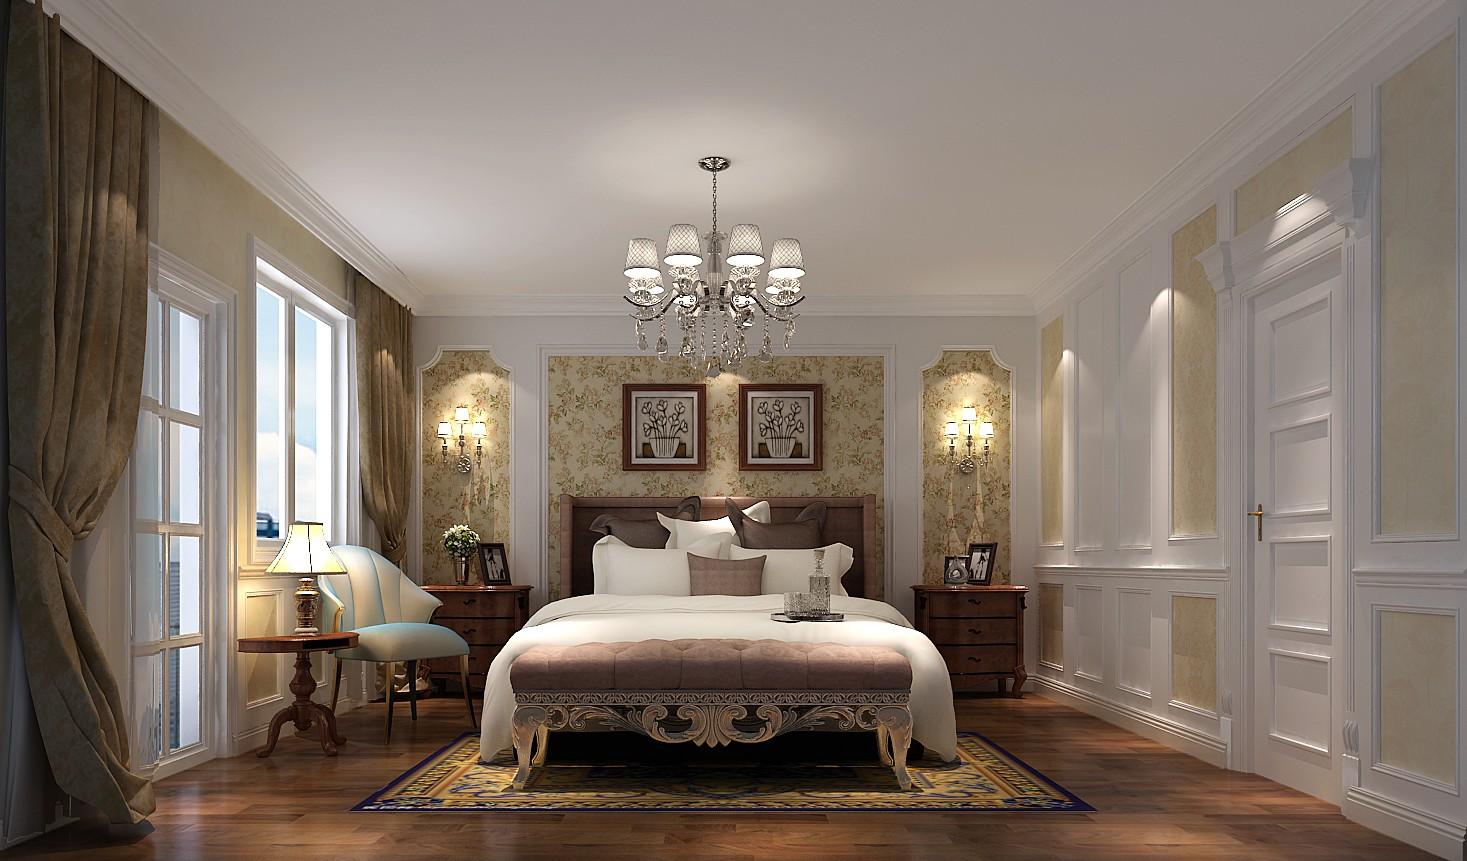 卧室图片来自也儿在潮白河孔雀城334的分享